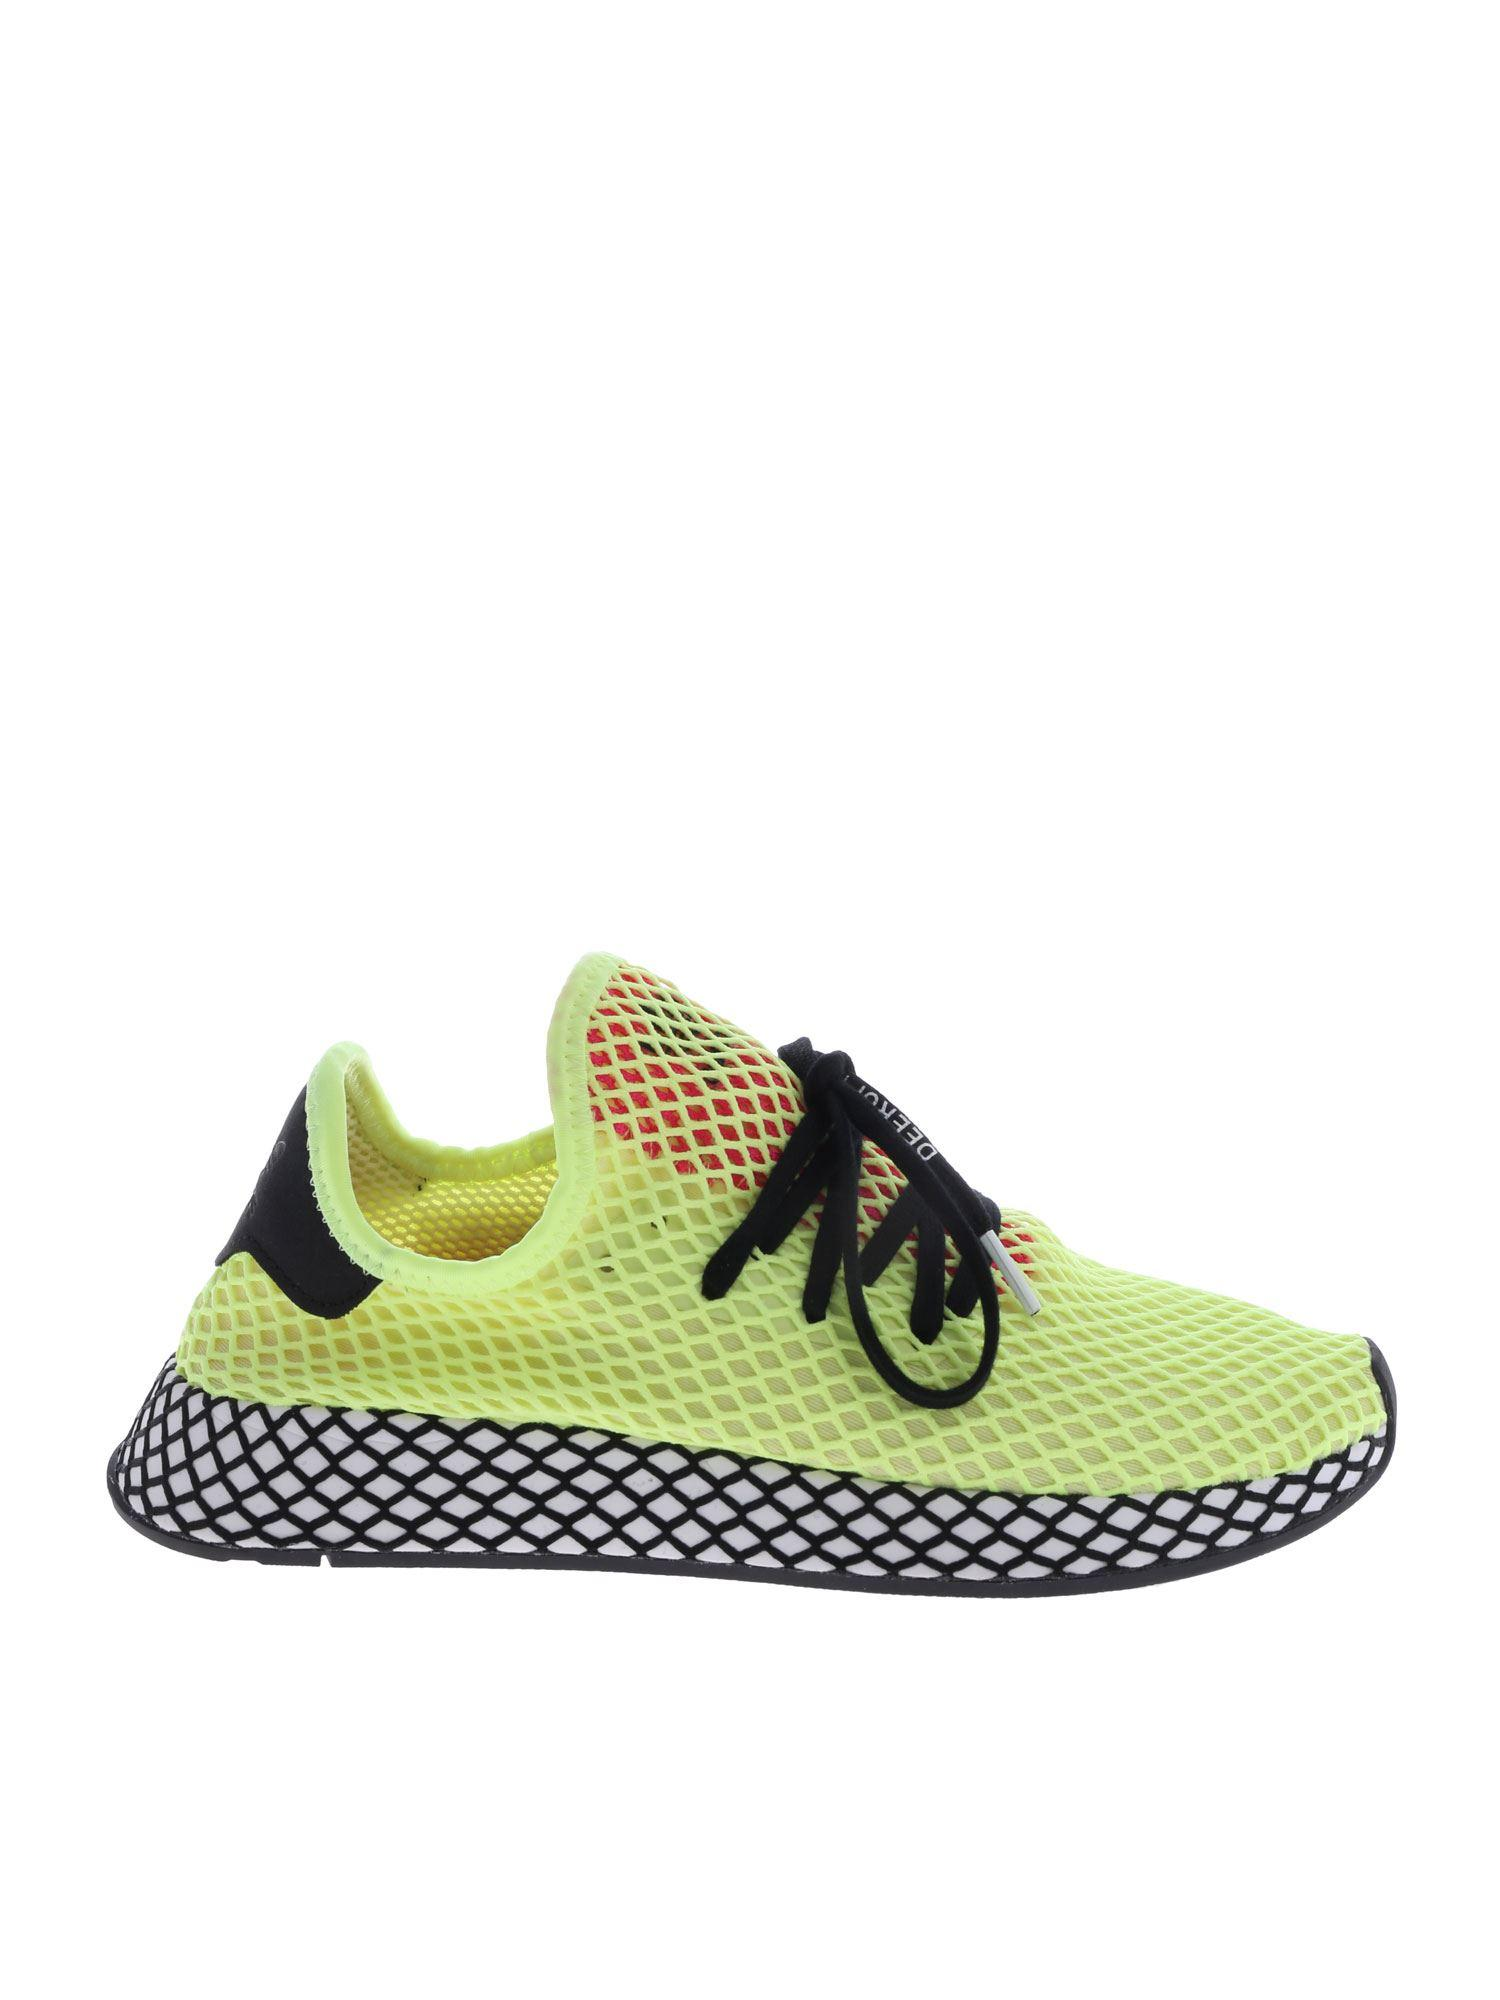 405dc77f5 Lyst - adidas Originals Deerupt Runner Sneakers In Yellow in Yellow ...